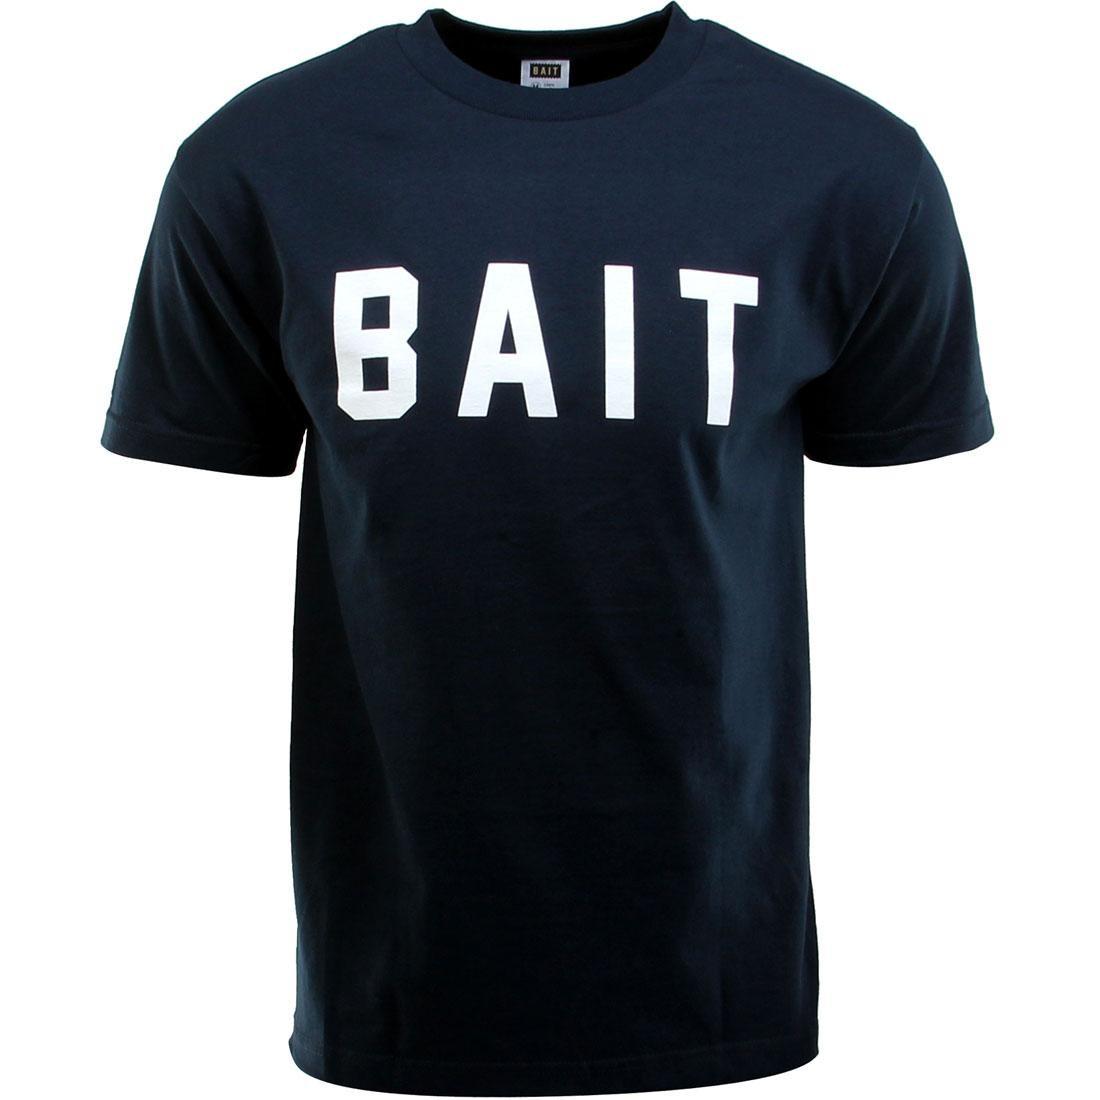 BAIT Logo Tee (navy / white)